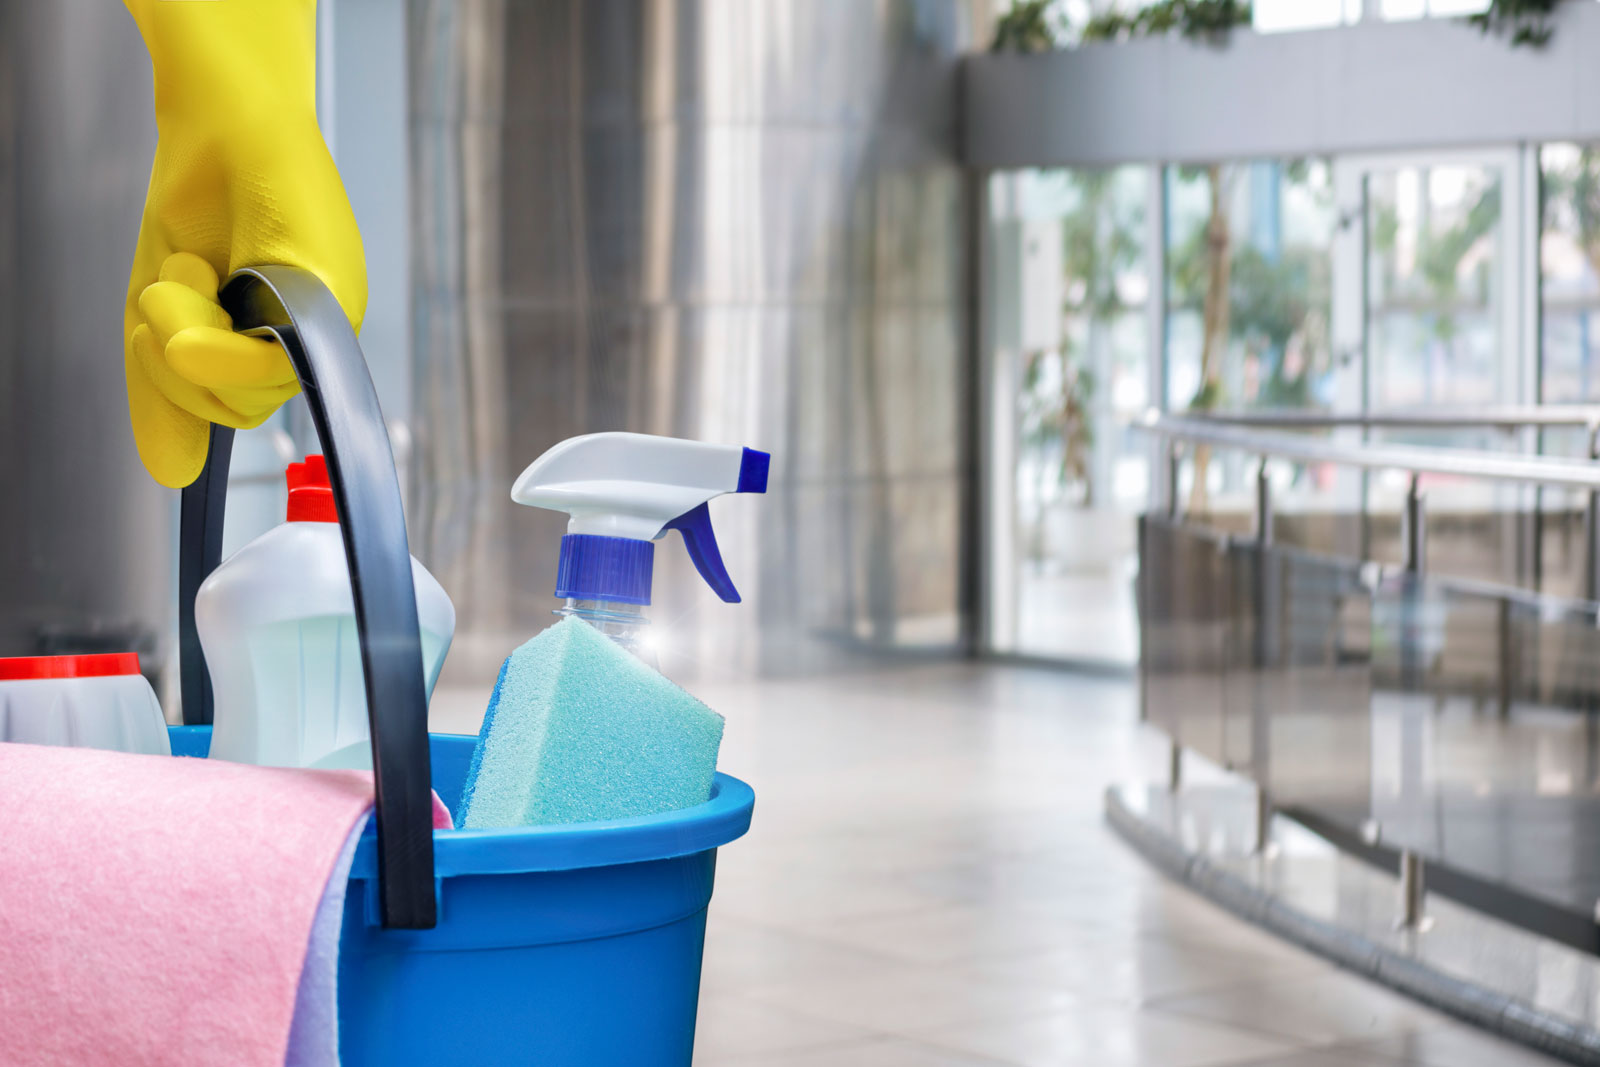 Cleaning Services - unique services